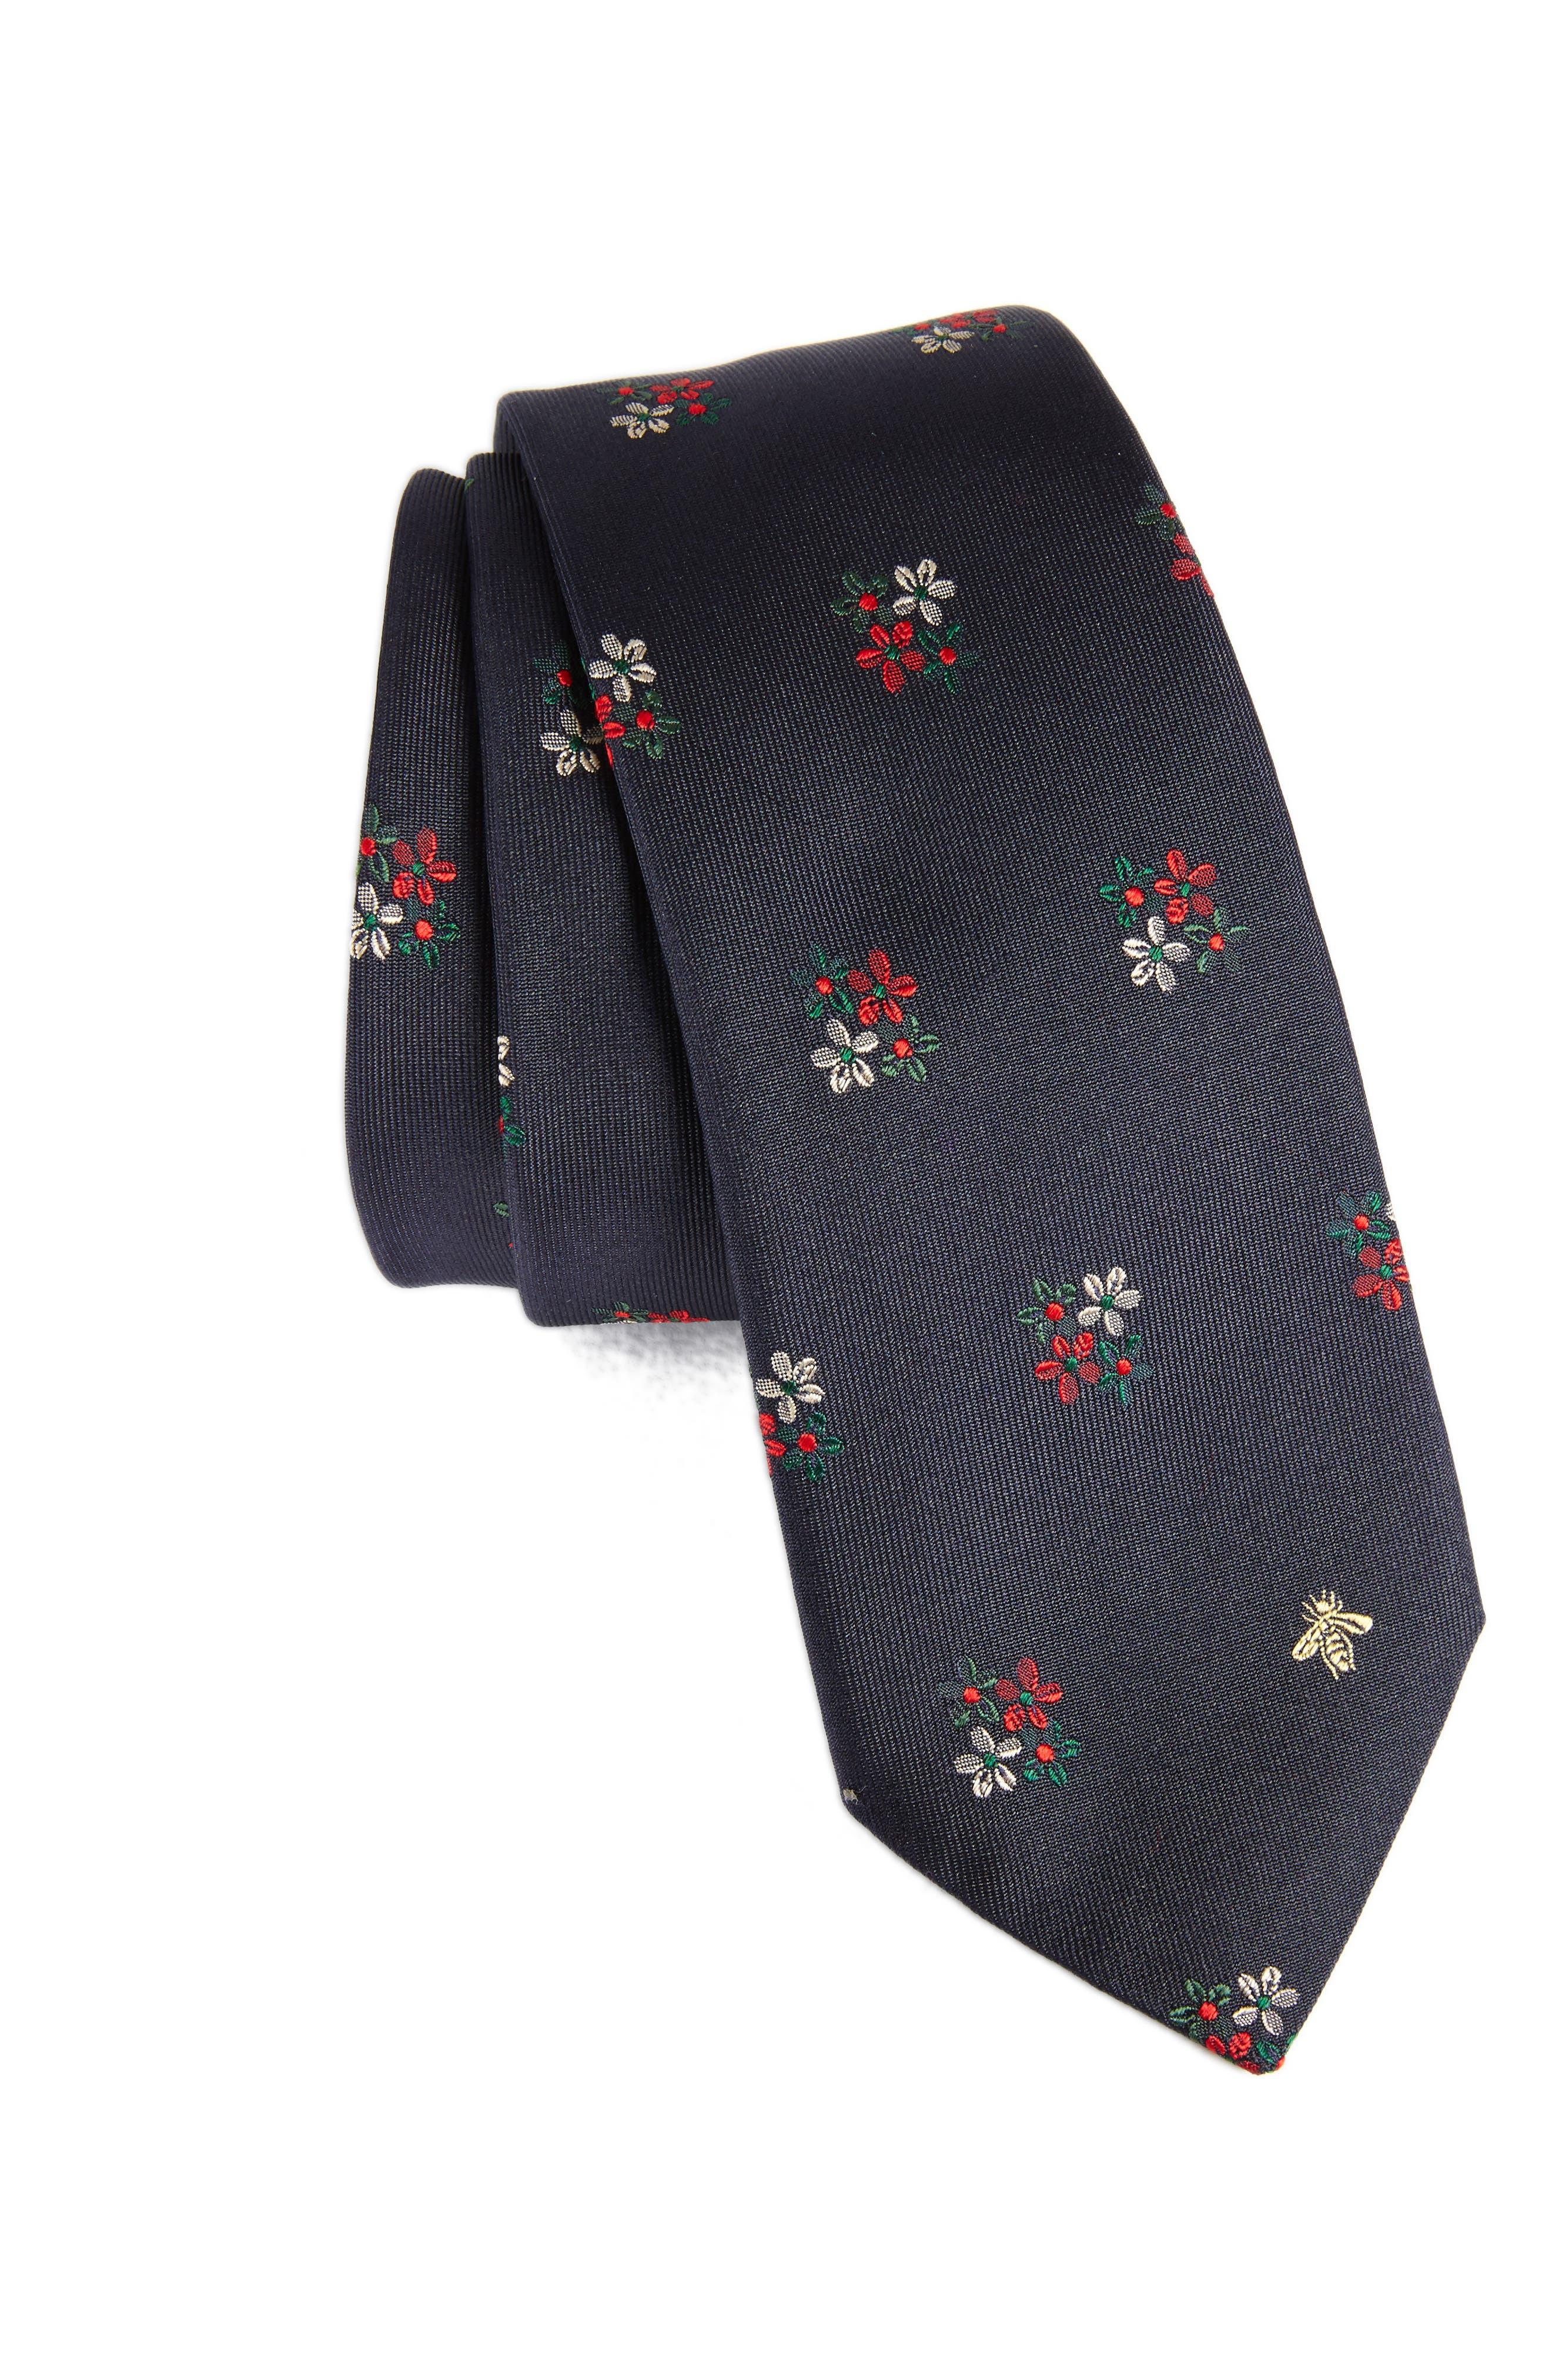 Gucci Yeola Floral Silk Tie